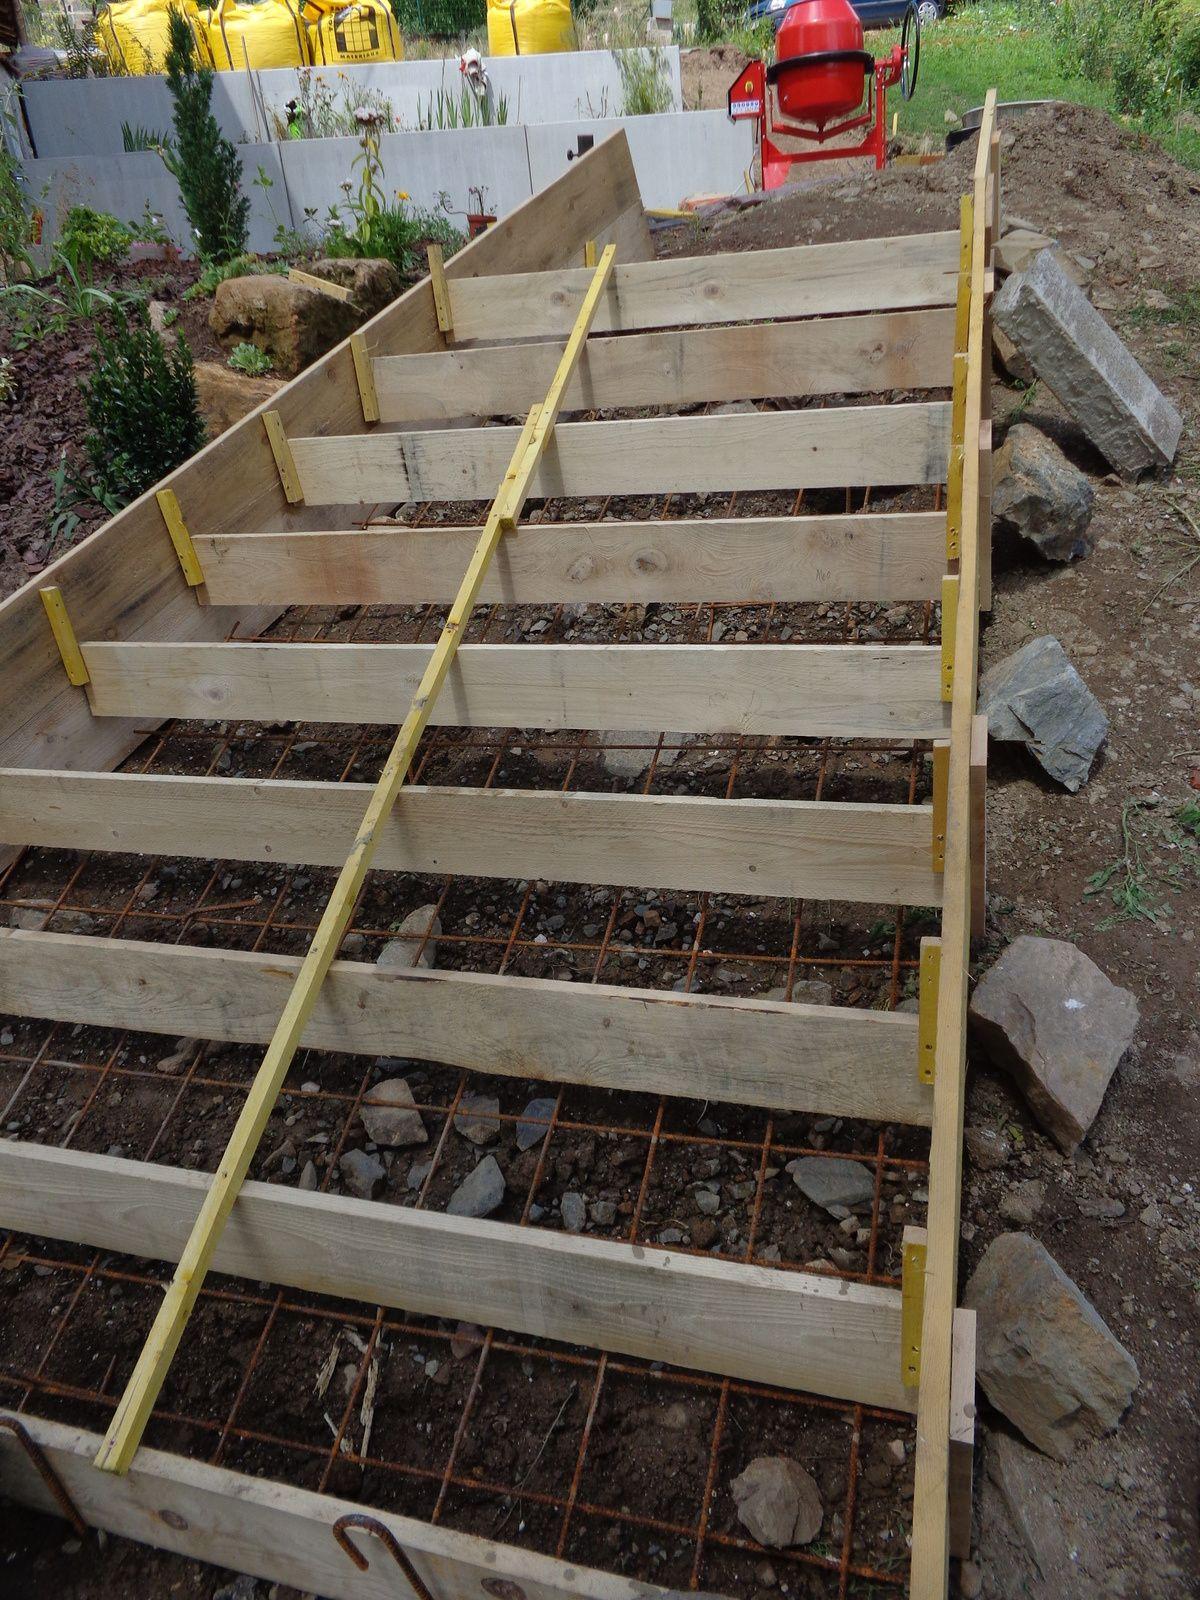 Exterieurs Escalier Renovation D Une Maison Du Beaujolais Escalier Exterieur Beton Escalier De Jardin Coffrage Escalier